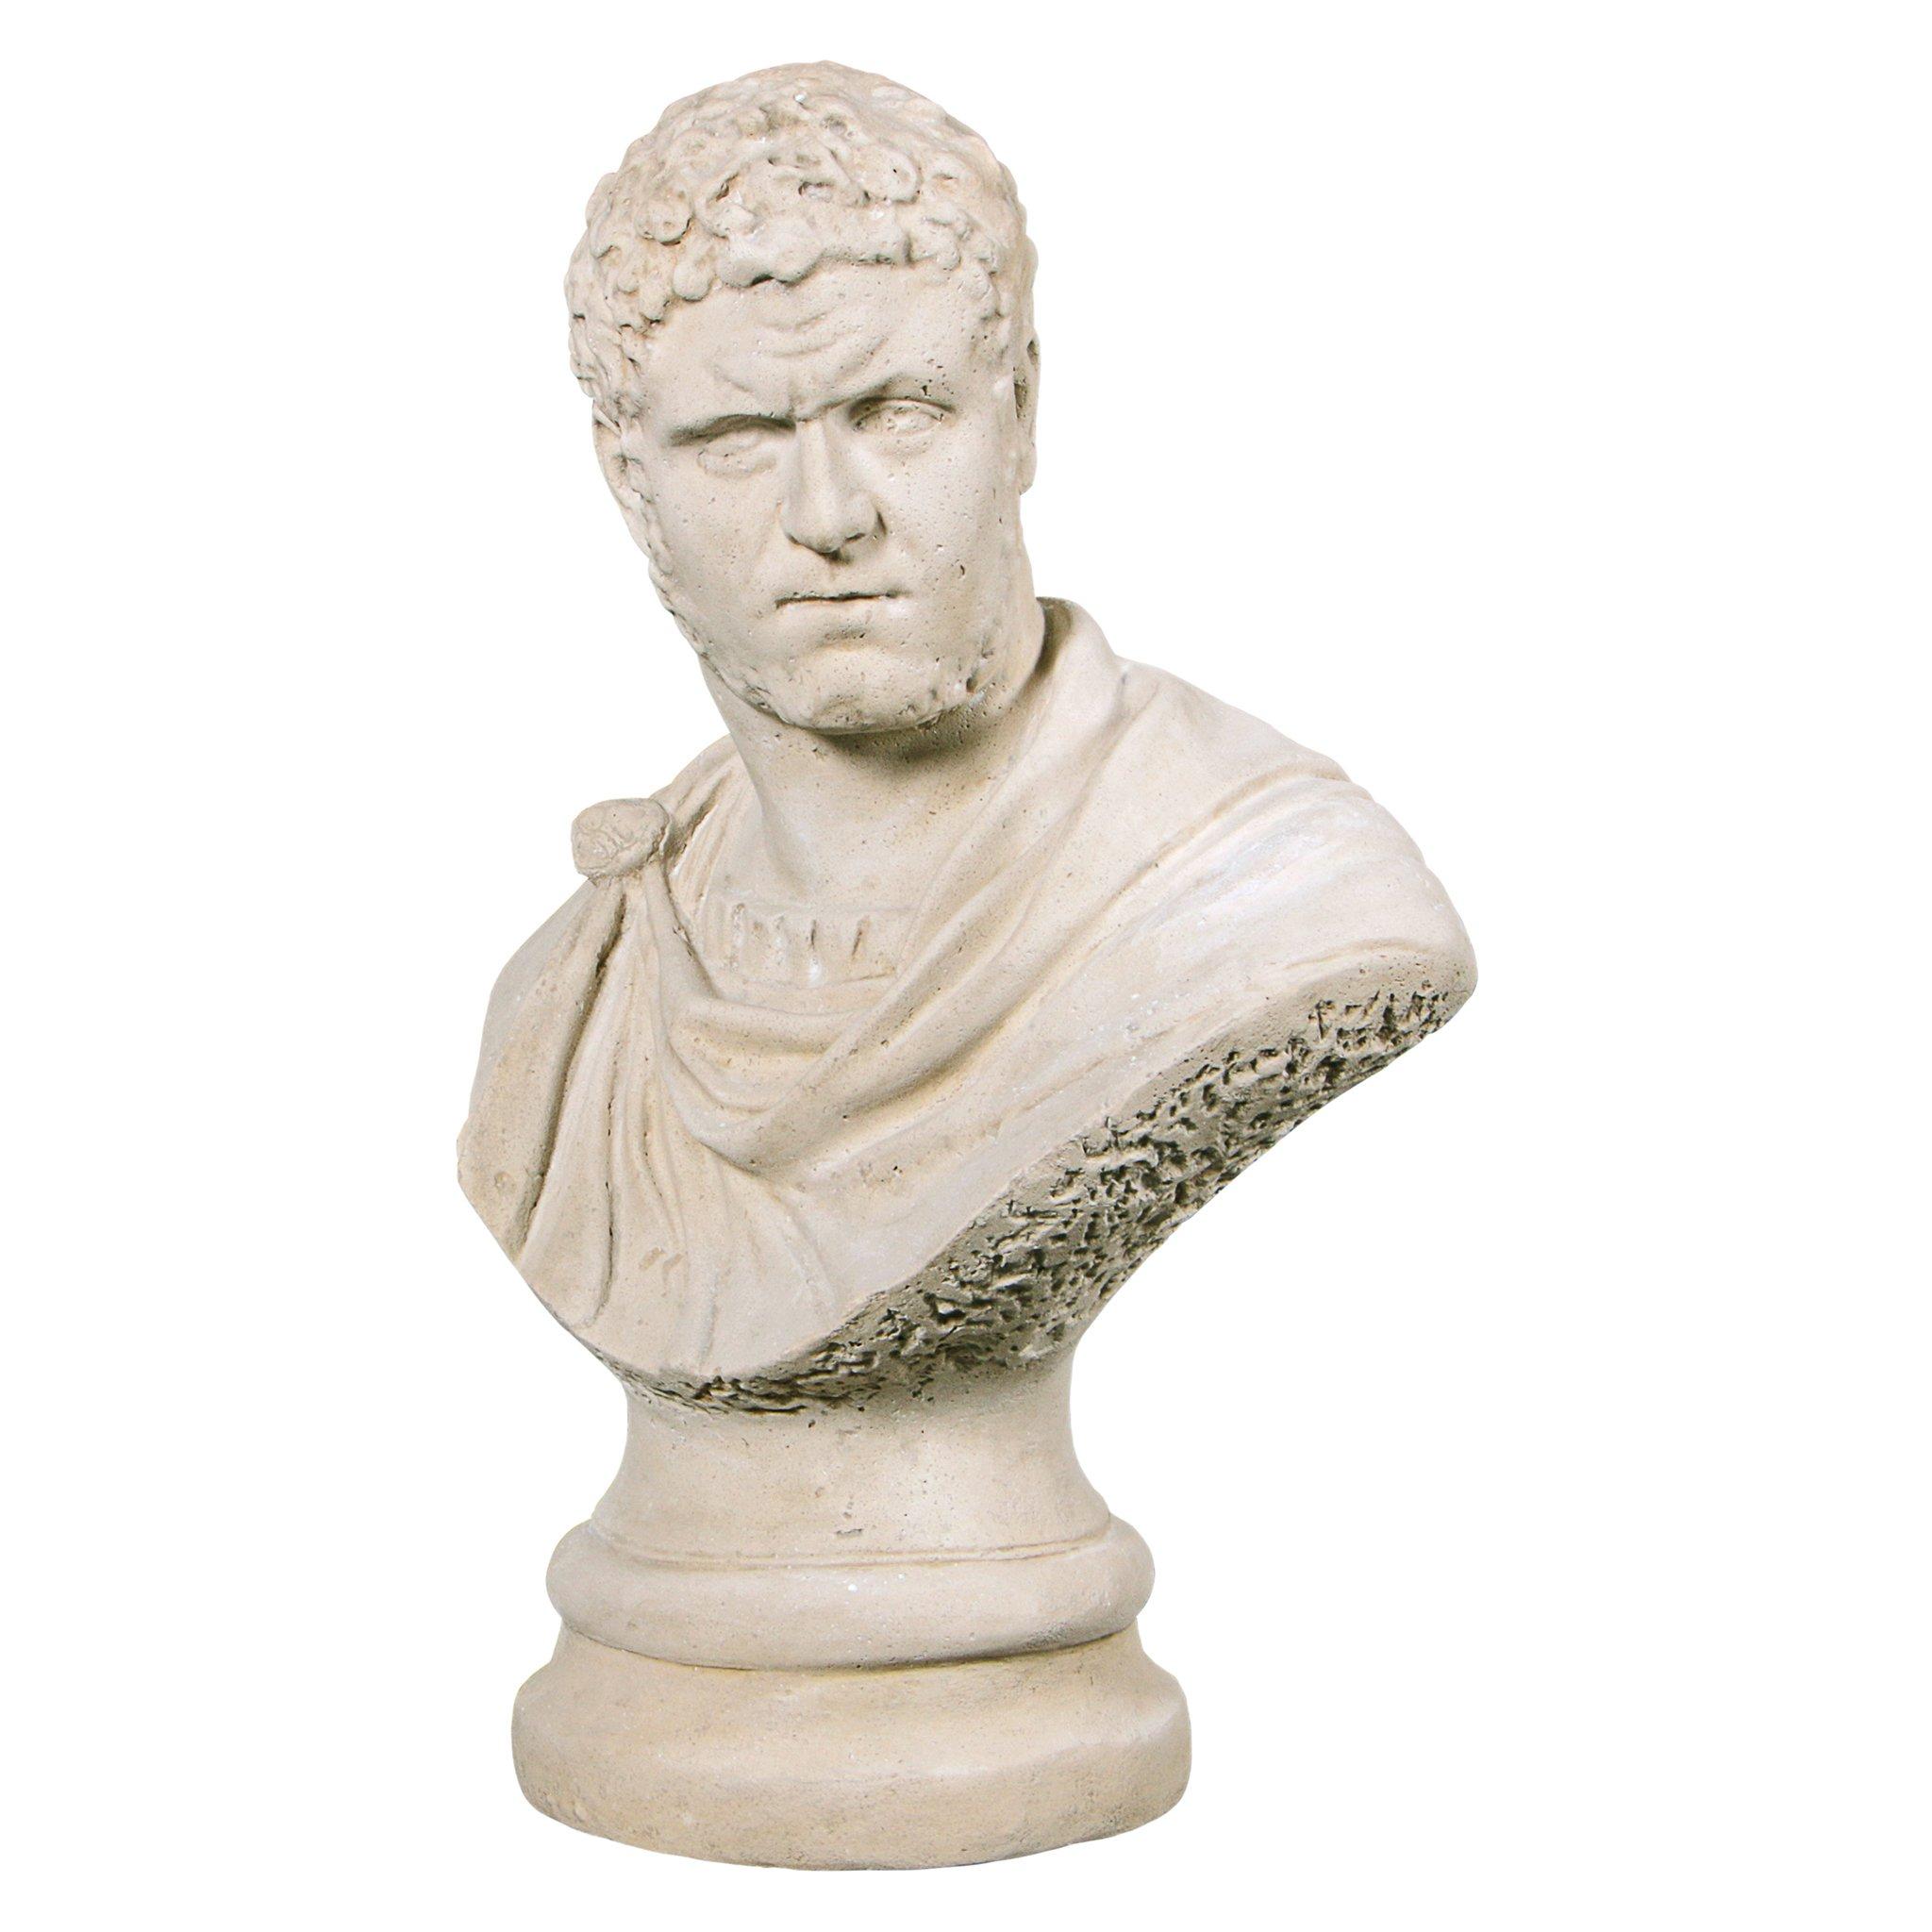 Design Toscano Caracalla, Roman Emperor Marcus Aurelius Sculptural Bust, Antique Stone